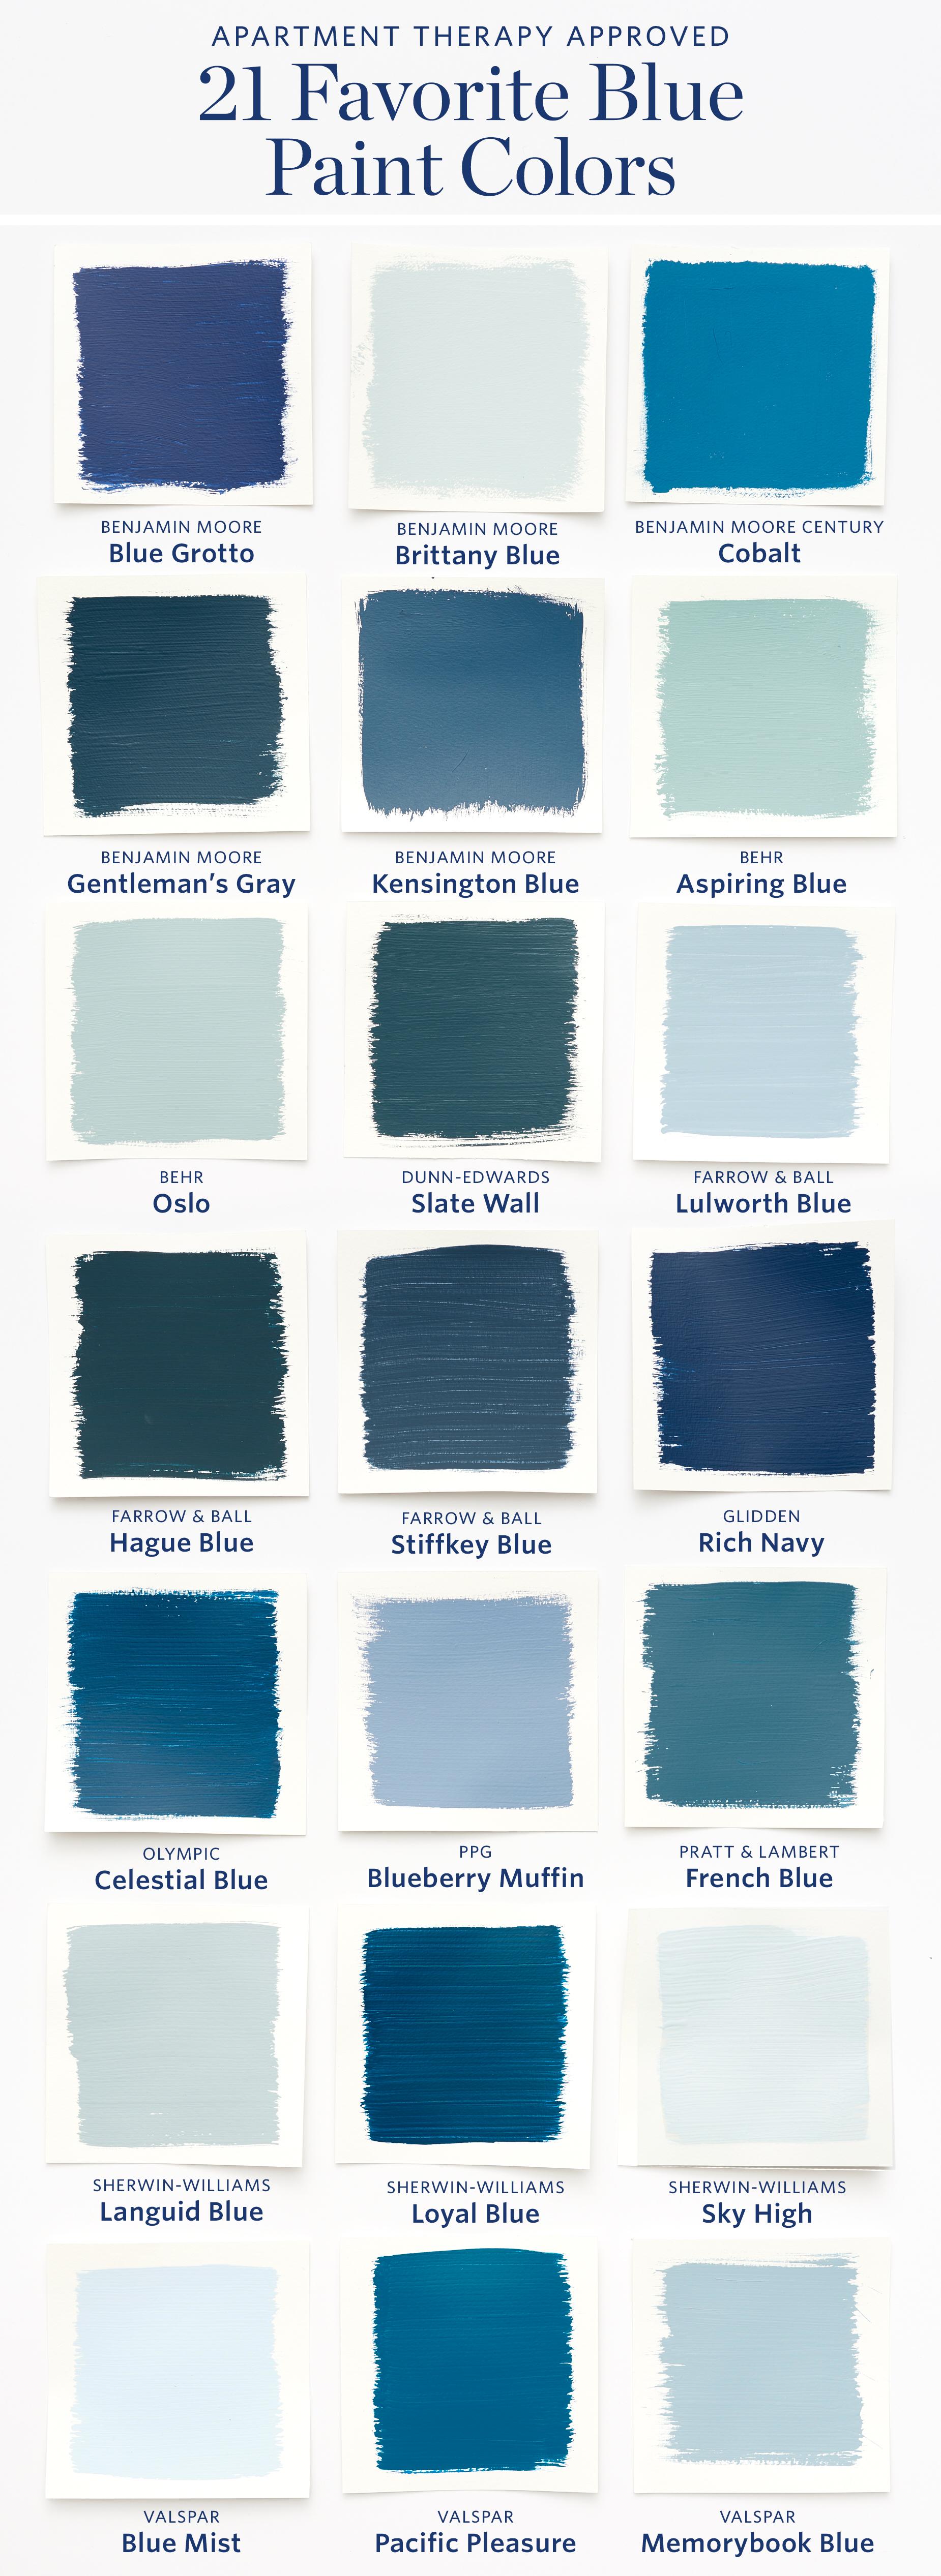 14 Aspiring Blue Paint Color